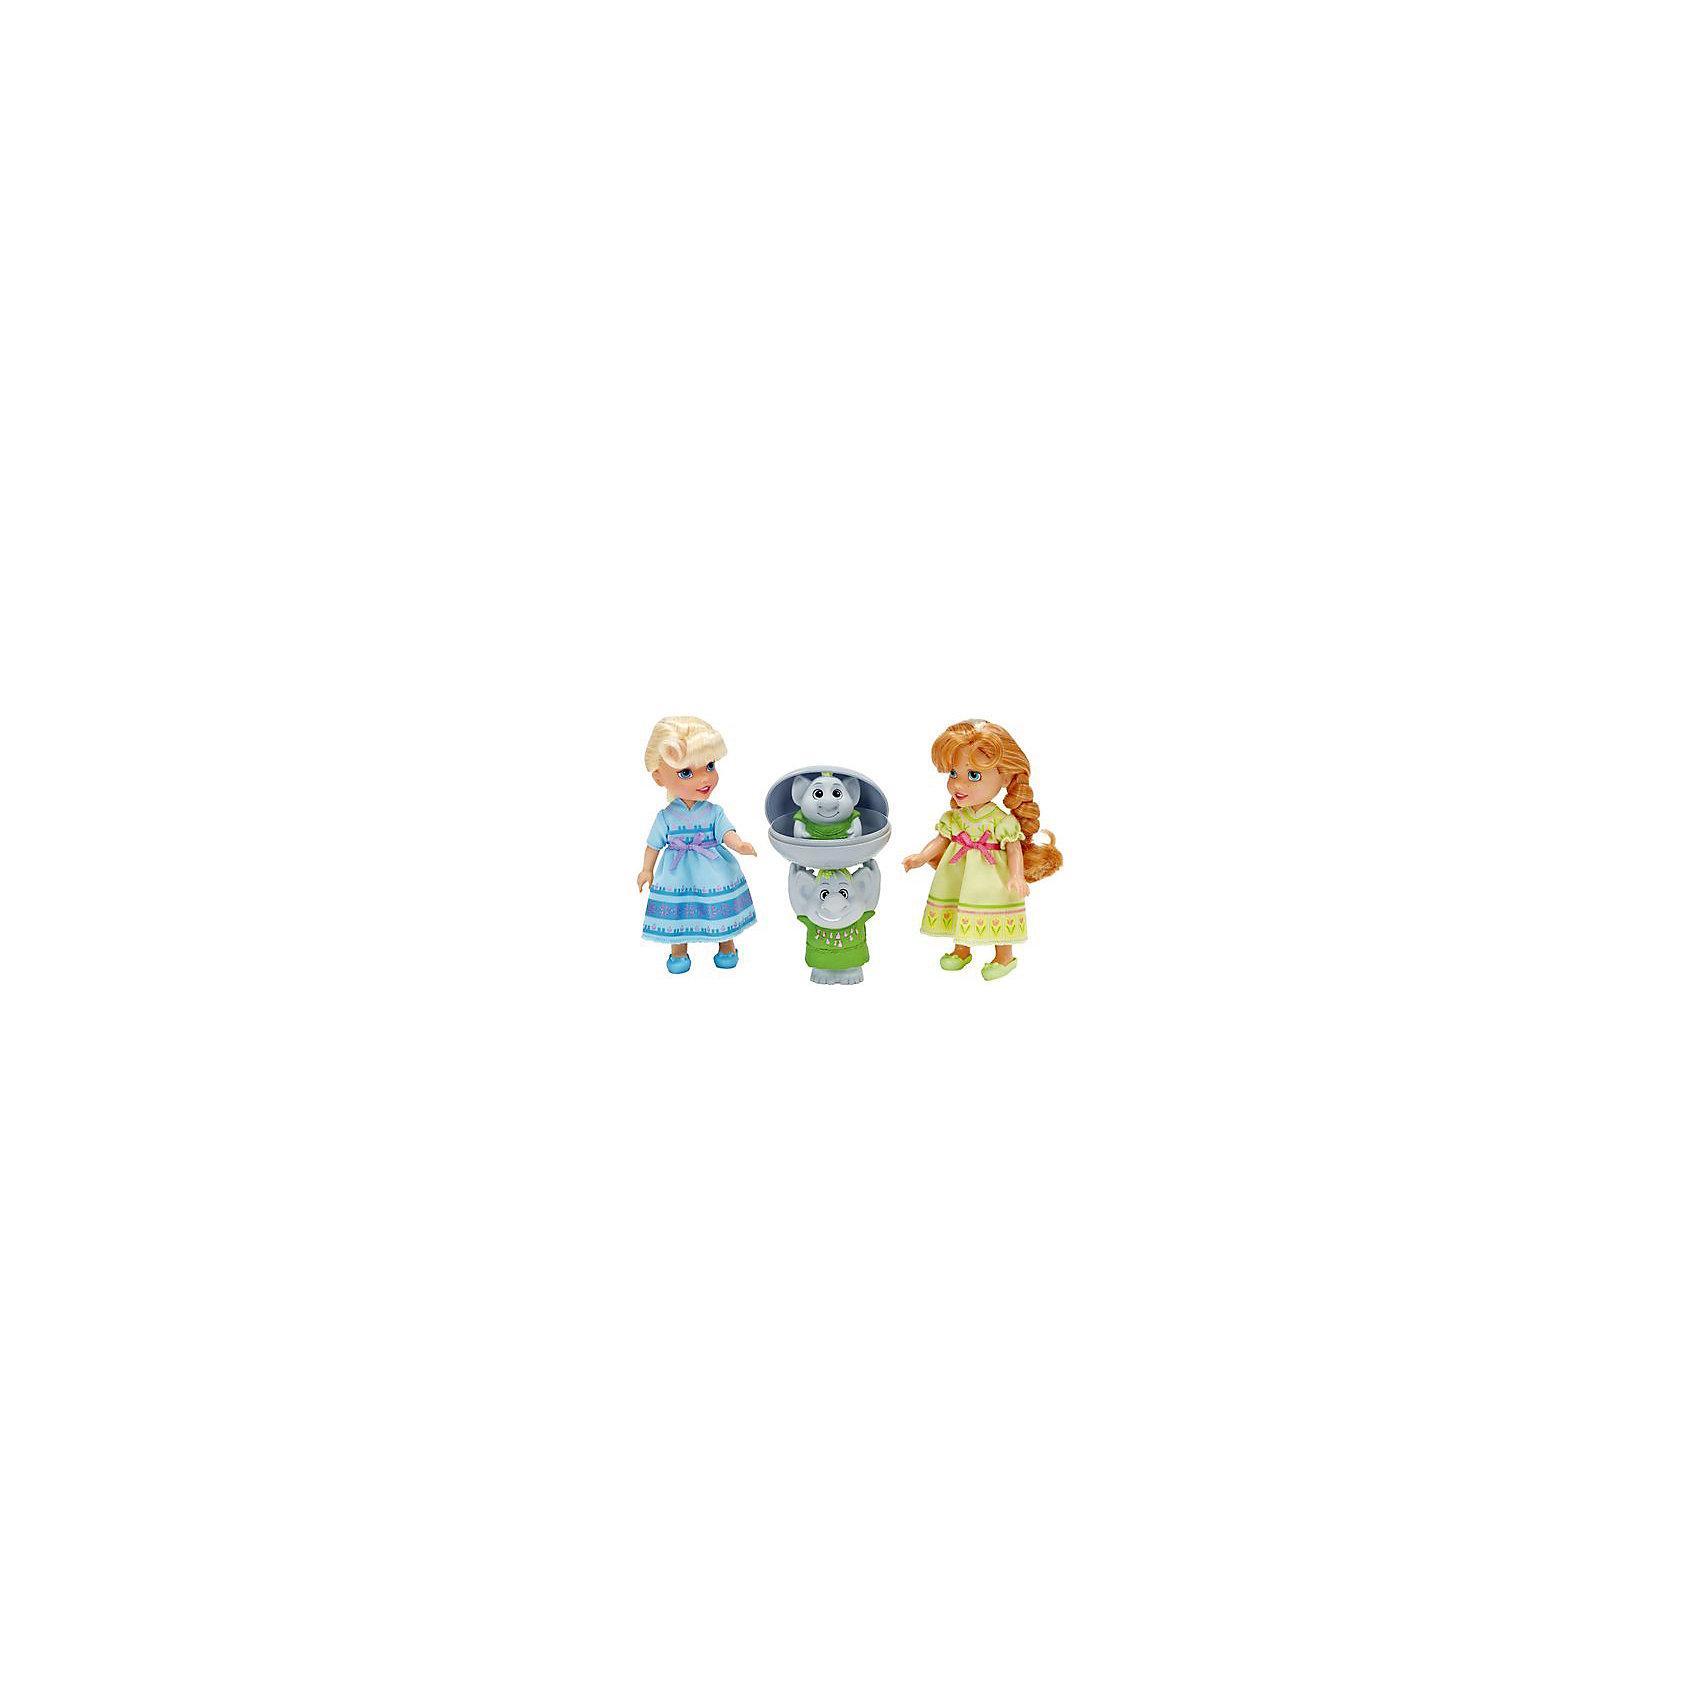 Игровой набор 2 куклы и Тролли, Холодное СердцеИгрушки<br>Характеристики товара:<br><br>- цвет: разноцветный;<br>- материал: текстиль, пластик;<br>- размер кукол: 15 см;<br>- комплектация: 2 куклы, тролли, камень;<br>- вес: 480 г.<br><br>Играть с фигурками из любимого мультфильма - вдвойне интереснее! Фигурки героев мультика Холодное Сердце очень красивые, они хорошо детализированы. Каждая фигурка отлично выполнена, похожа на героя мультика, поэтому игровой набор с ними станет желанным подарком для ребенка. В комплекте - принцессы Эльза и Анна в домашней одежде и с волосами, которые можно расчесывать. Также в наборе - фигурки троллей, которые можно прятать в камень. Такой набор отлично тренирует у ребенка разные навыки: играя с фигурками, ребенок развивает мелкую моторику, цветовосприятие, внимание, воображение и творческое мышление. <br>Изделие произведено из качественных проверенных материалов, безопасных для малышей.<br><br>Игровой набор 2 куклы и Тролли, Холодное Сердце, можно купить в нашем интернет-магазине.<br><br>Ширина мм: 300<br>Глубина мм: 195<br>Высота мм: 80<br>Вес г: 480<br>Возраст от месяцев: 36<br>Возраст до месяцев: 120<br>Пол: Женский<br>Возраст: Детский<br>SKU: 4720300